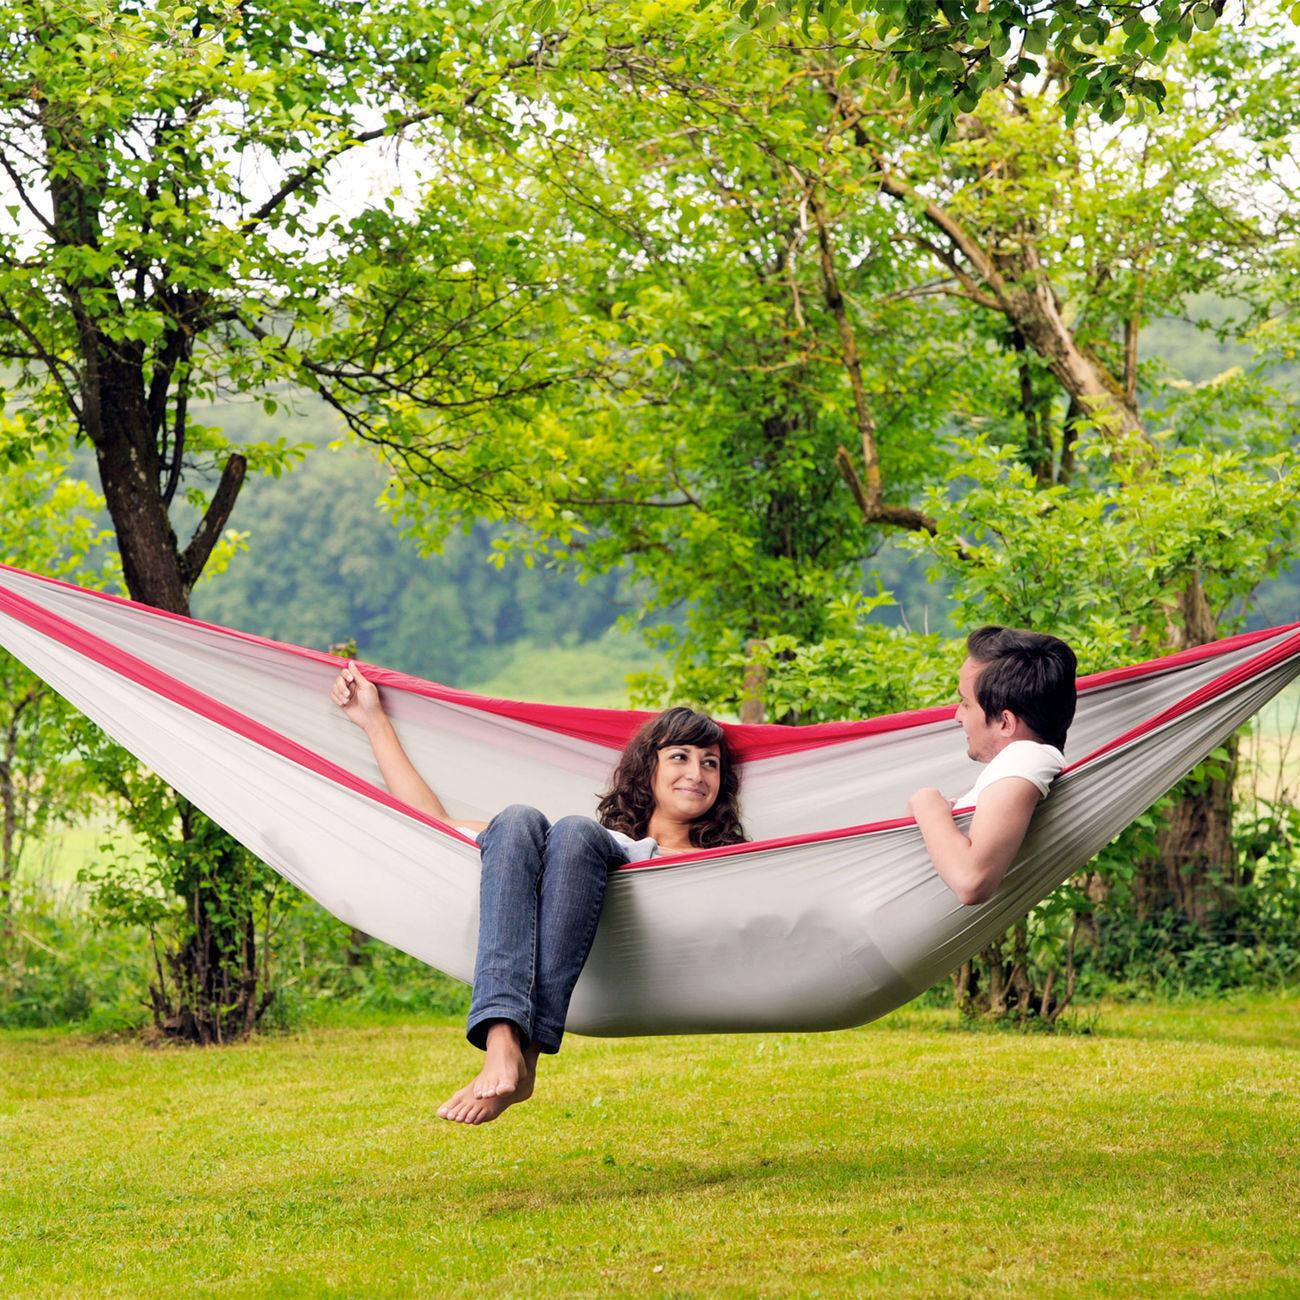 amazonas h ngematte silk traveller xxl kotte zeller. Black Bedroom Furniture Sets. Home Design Ideas